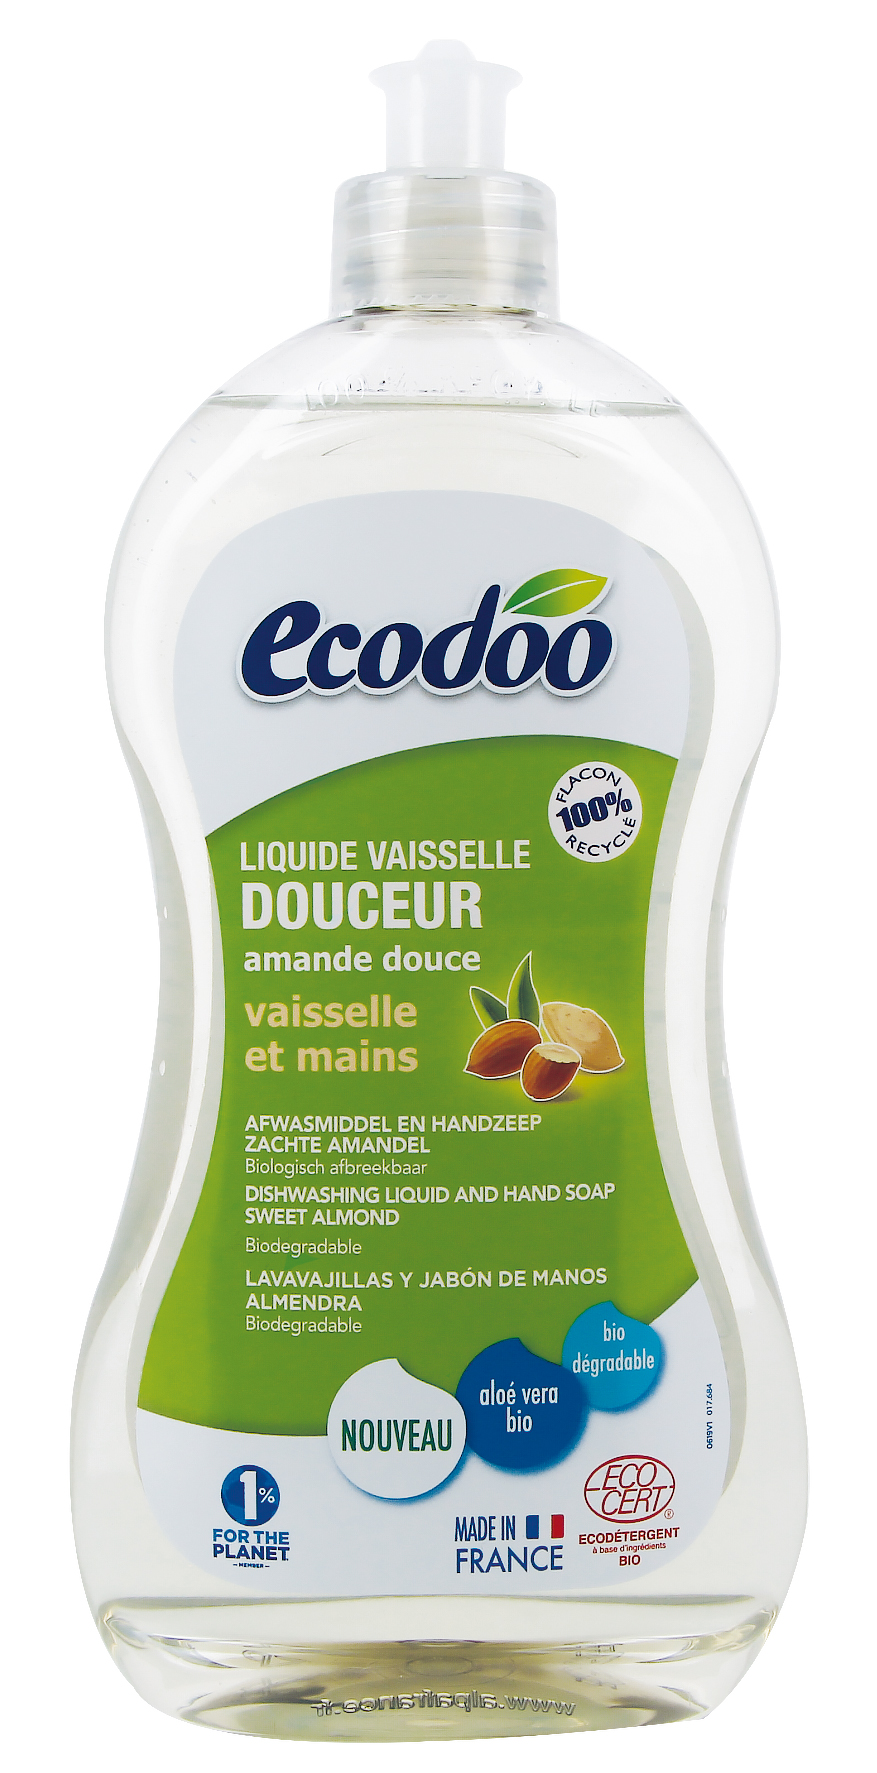 Ecodoo 2in1 astianpesuaine ja keittiösaippua